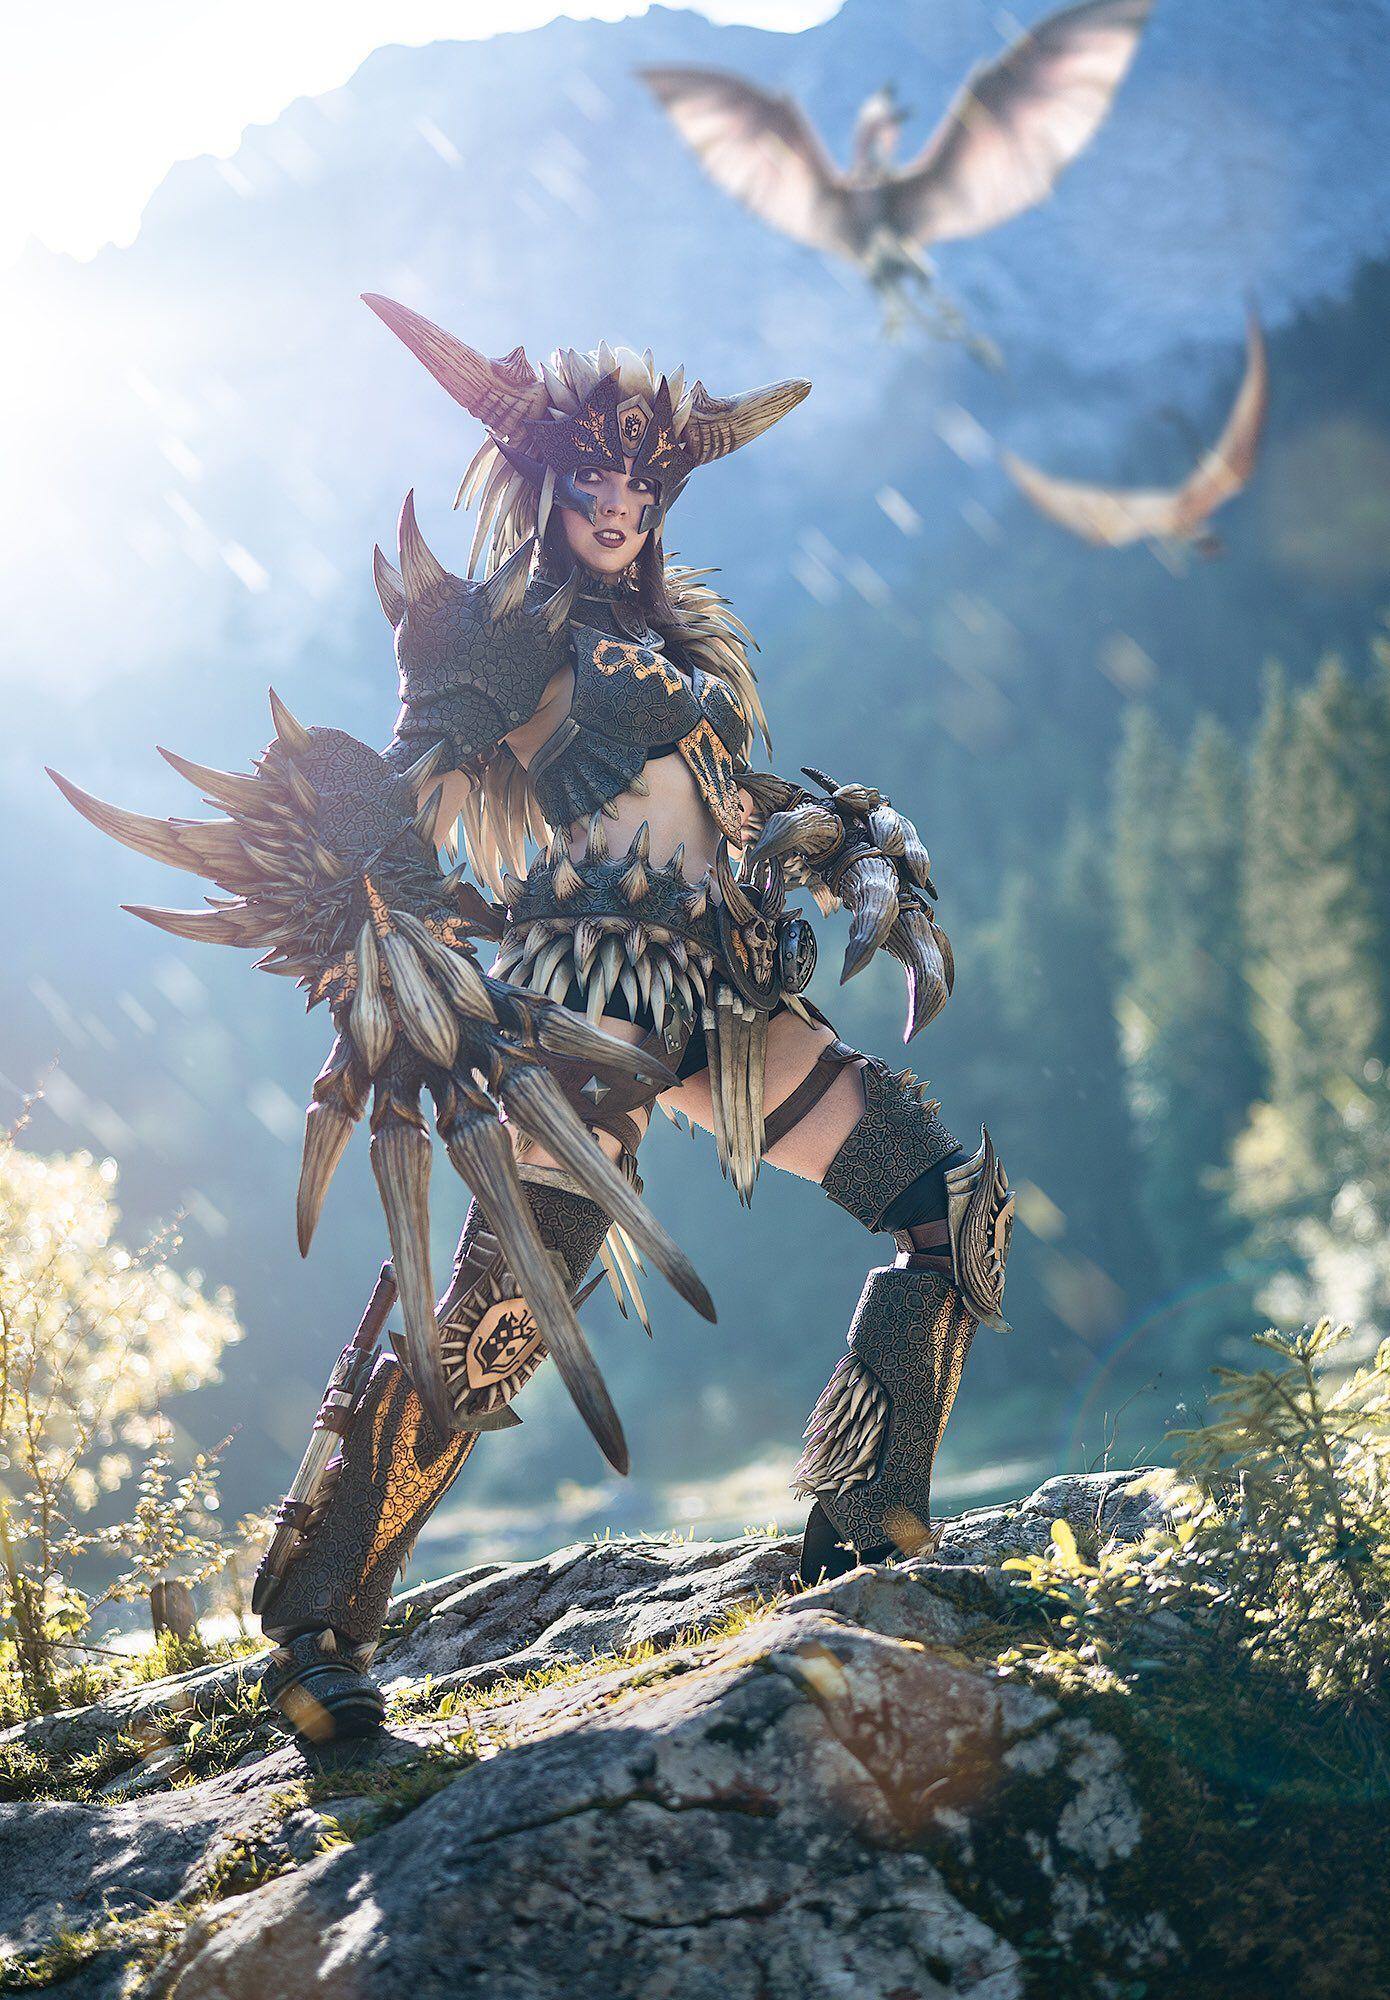 Monster Hunter World Nergigante Armor Cosplay Monster Hunter